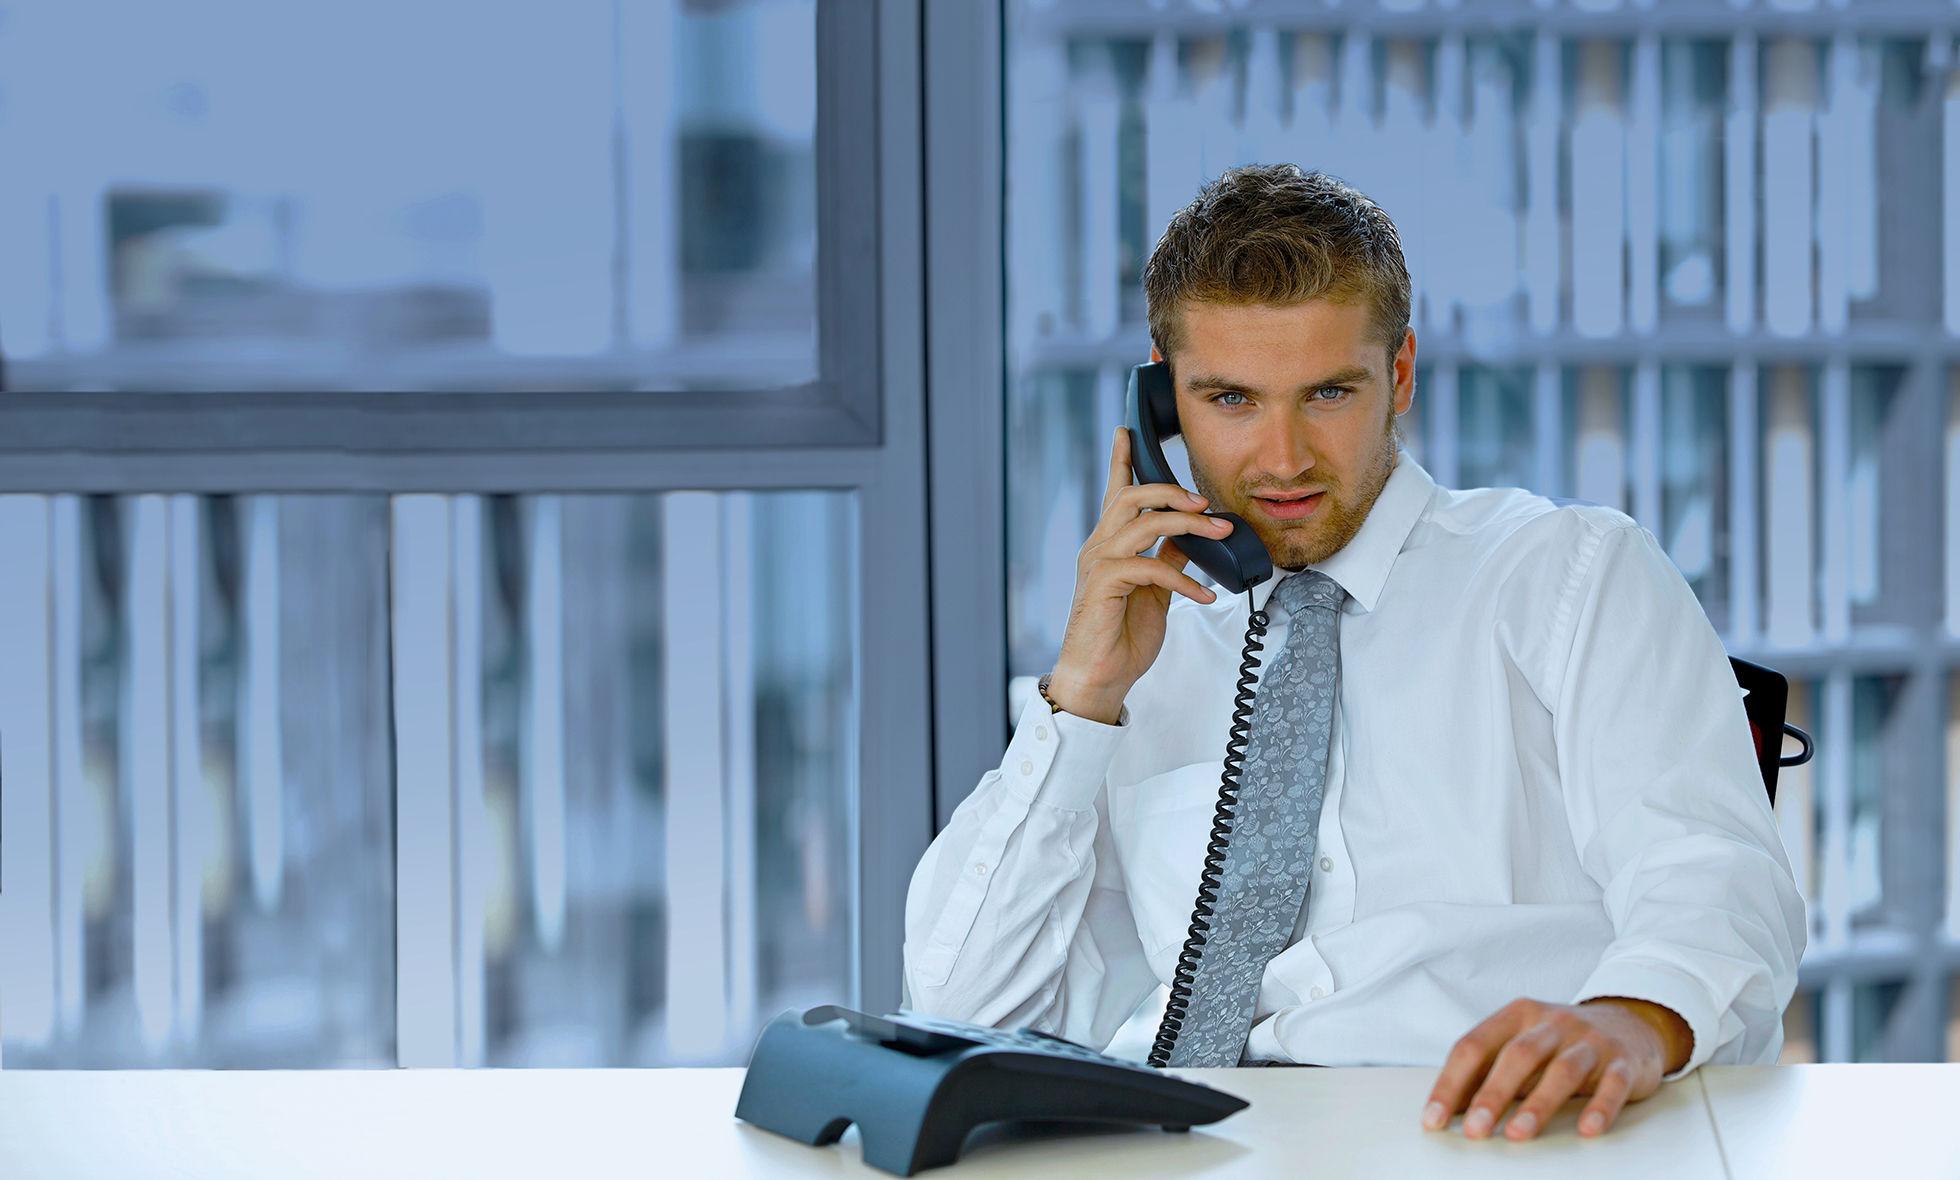 Manteniamo stretto contatto con il cliente